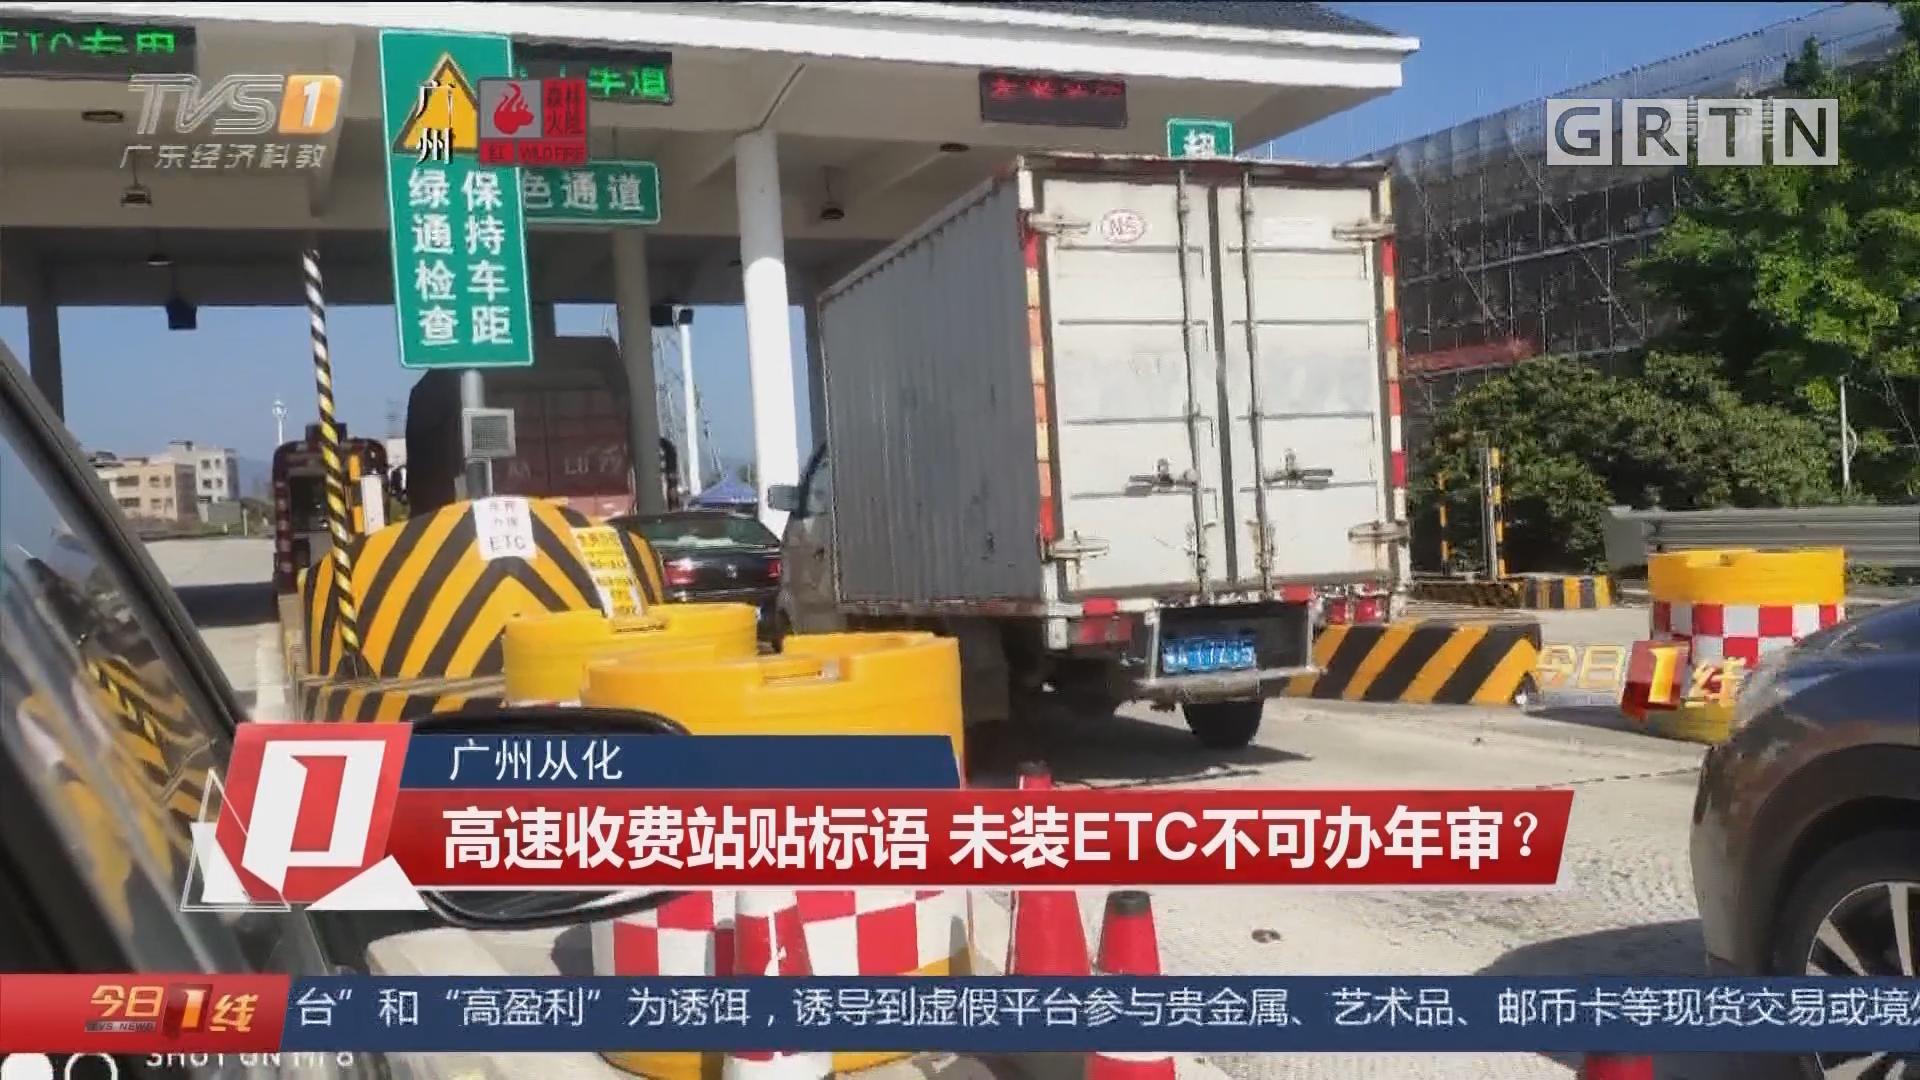 广州从化:高速收费站贴标语 未装ETC不可办年审?